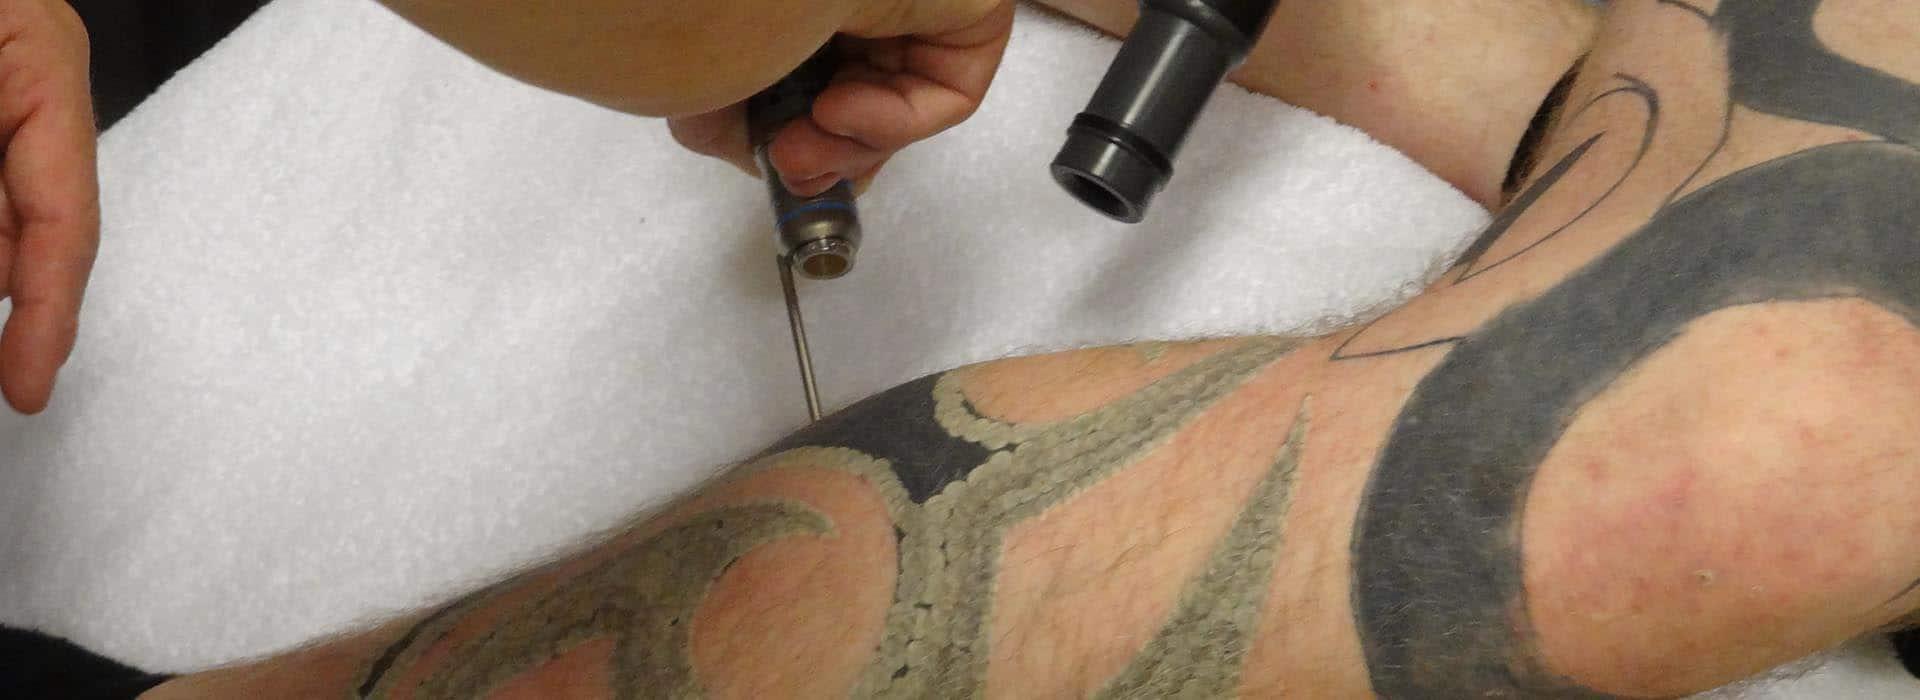 Tattoeage verwijderen